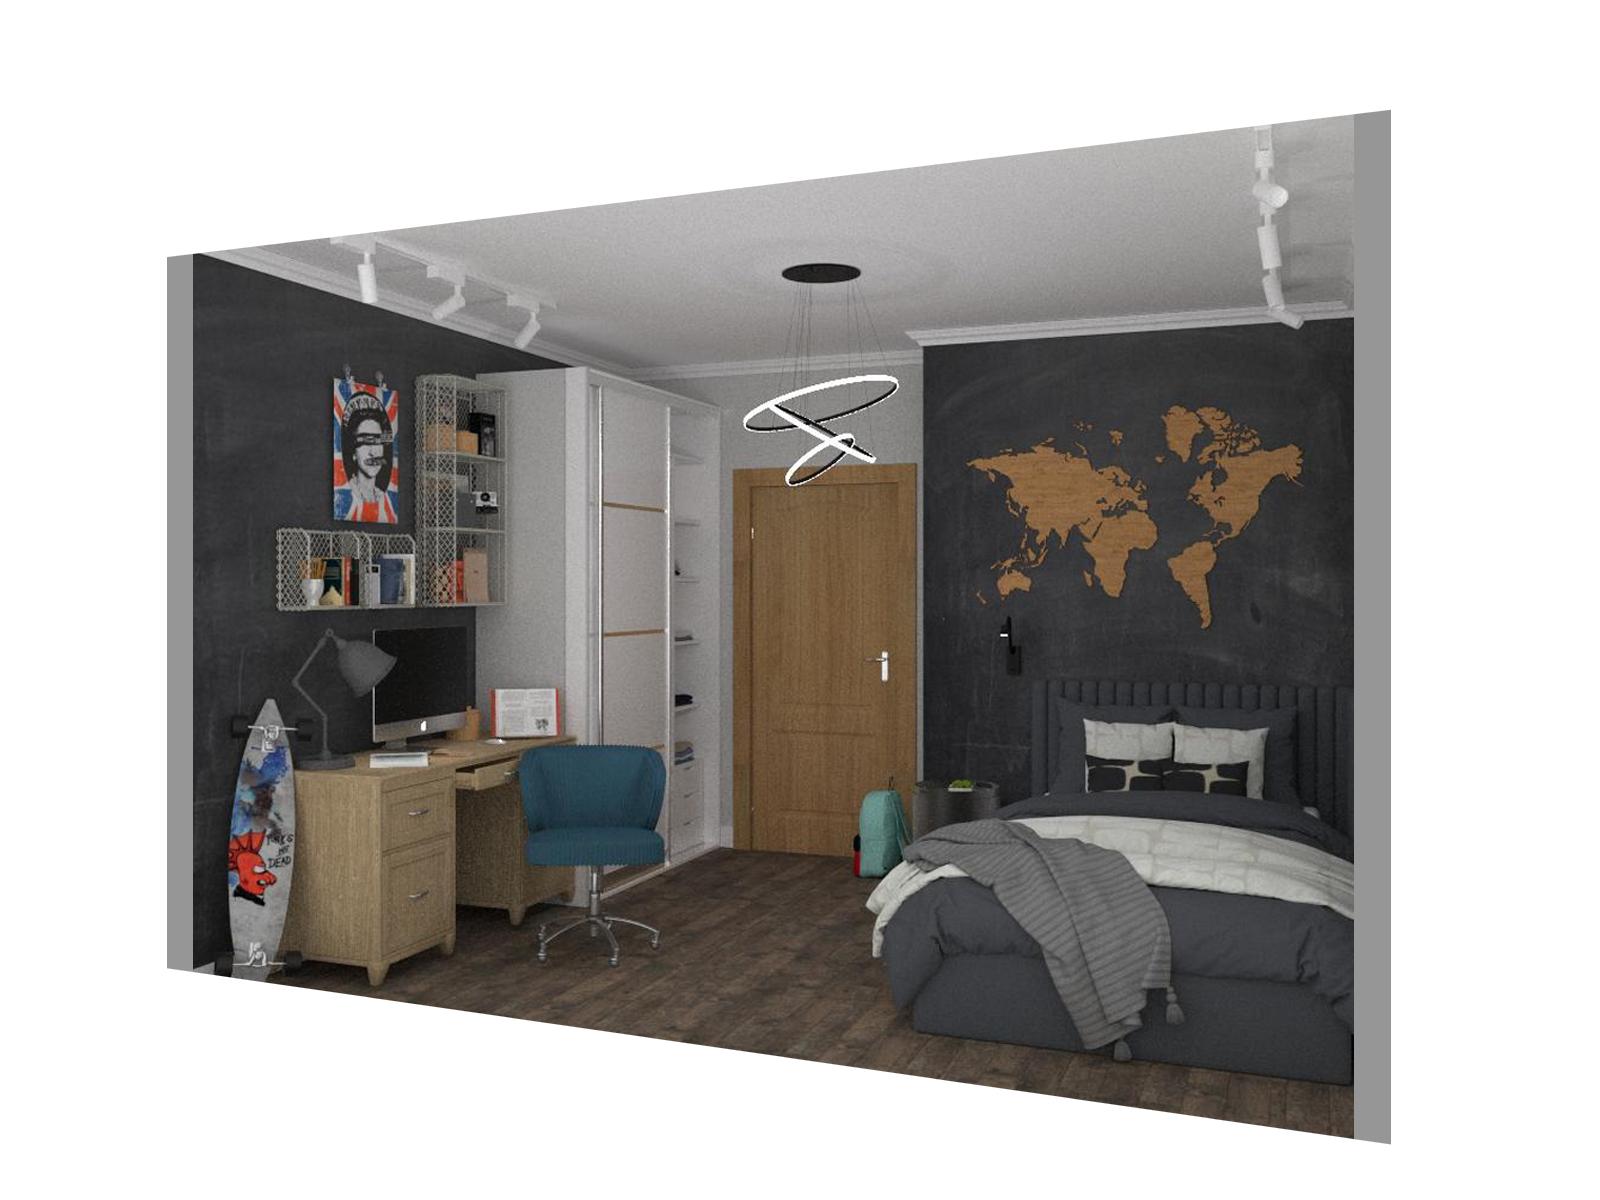 Дизайн кімнати для хлопчика - фото 4